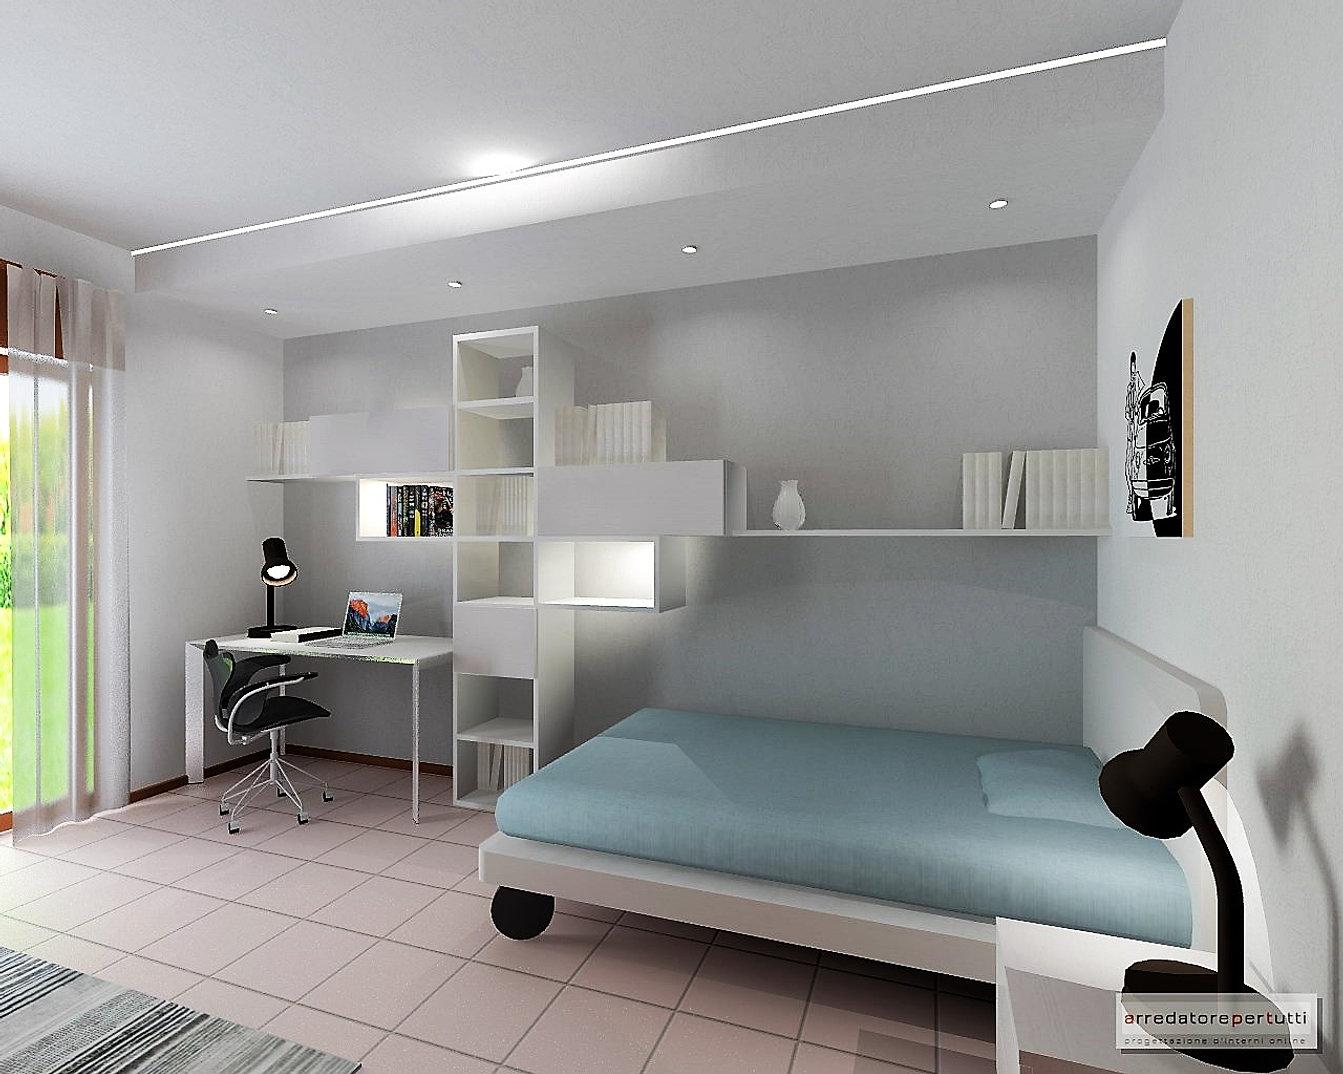 Progettazione d 39 interni progettazione interni online for Progettazione 3d online